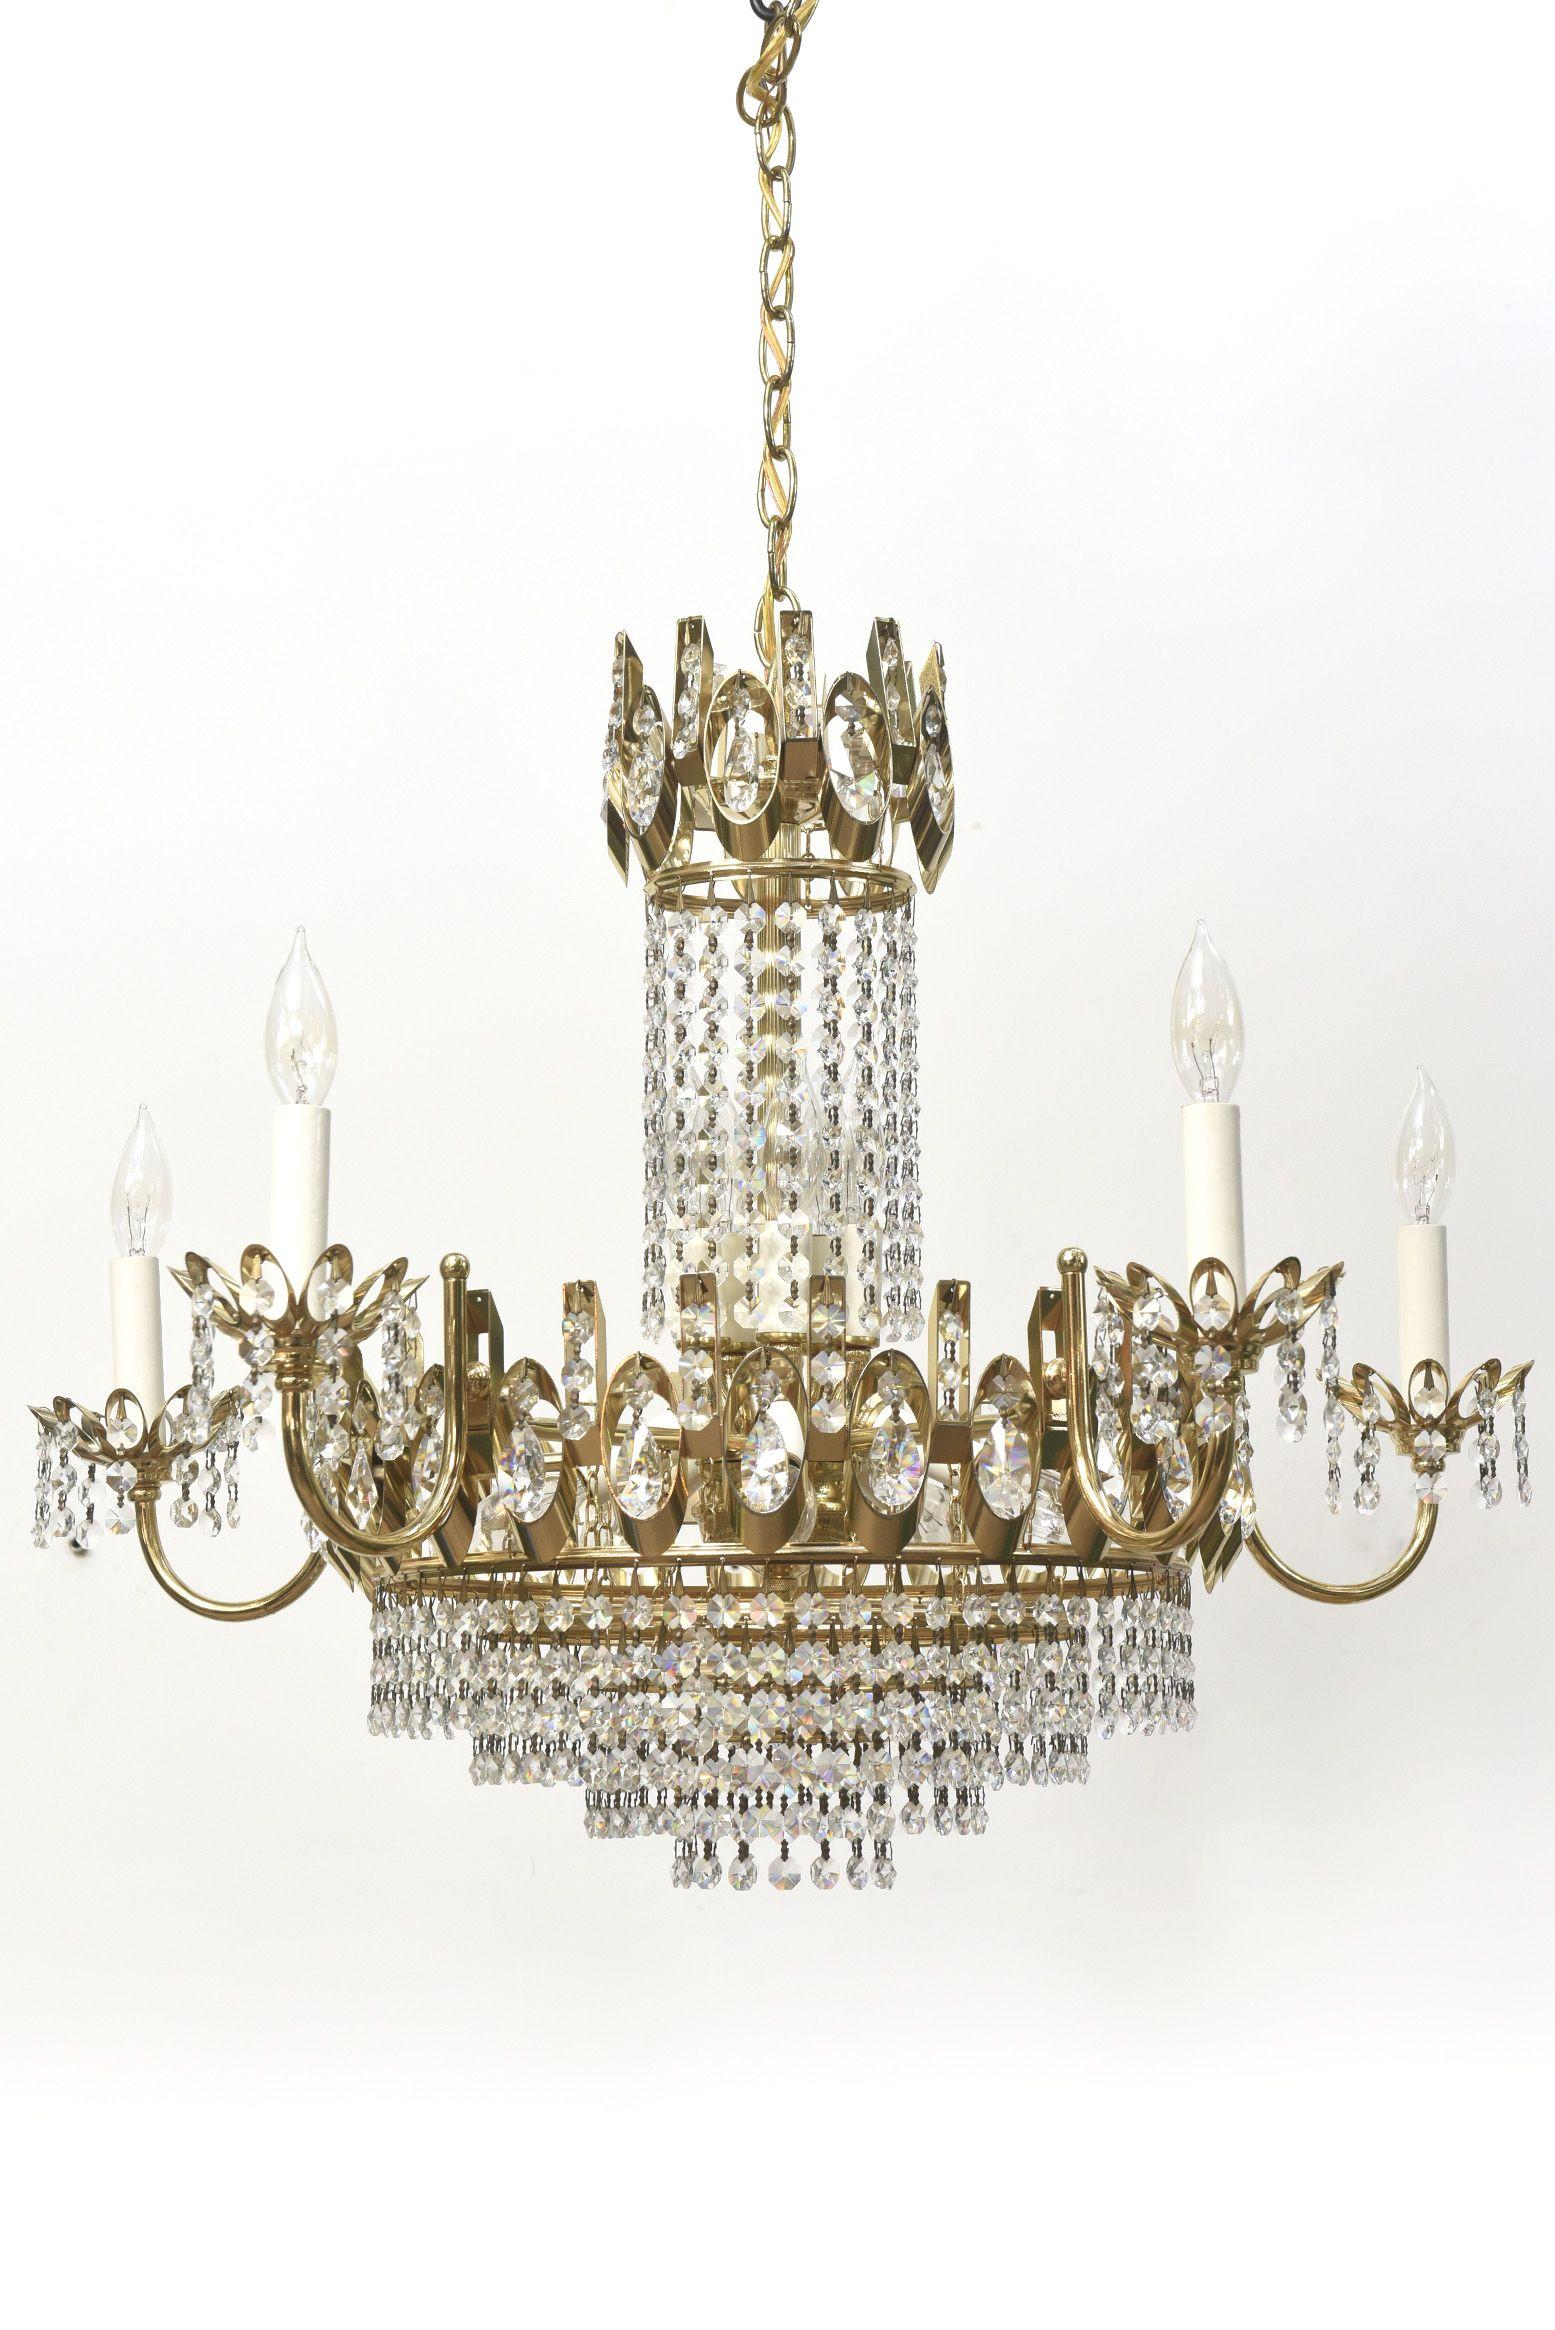 Vintage Strass Crystal Chandelier Chandelier Crystal Chandelier Hanging Light Lamp